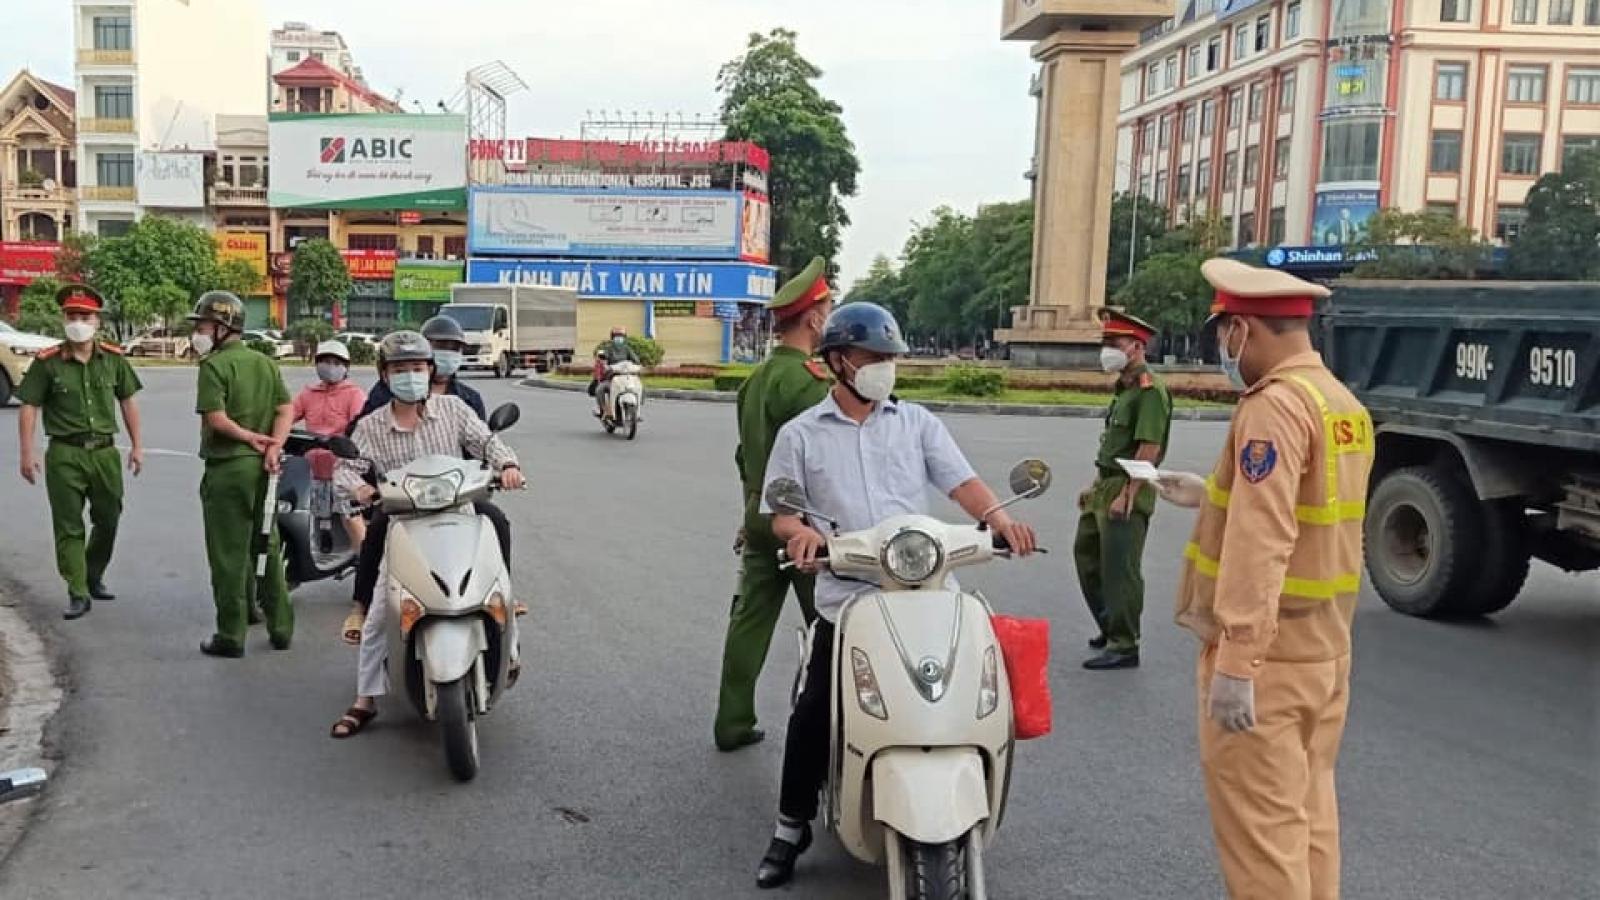 3 huyện, thị của Bắc Ninh kết thúc giãn cách xã hội, chuyển trạng thái mới